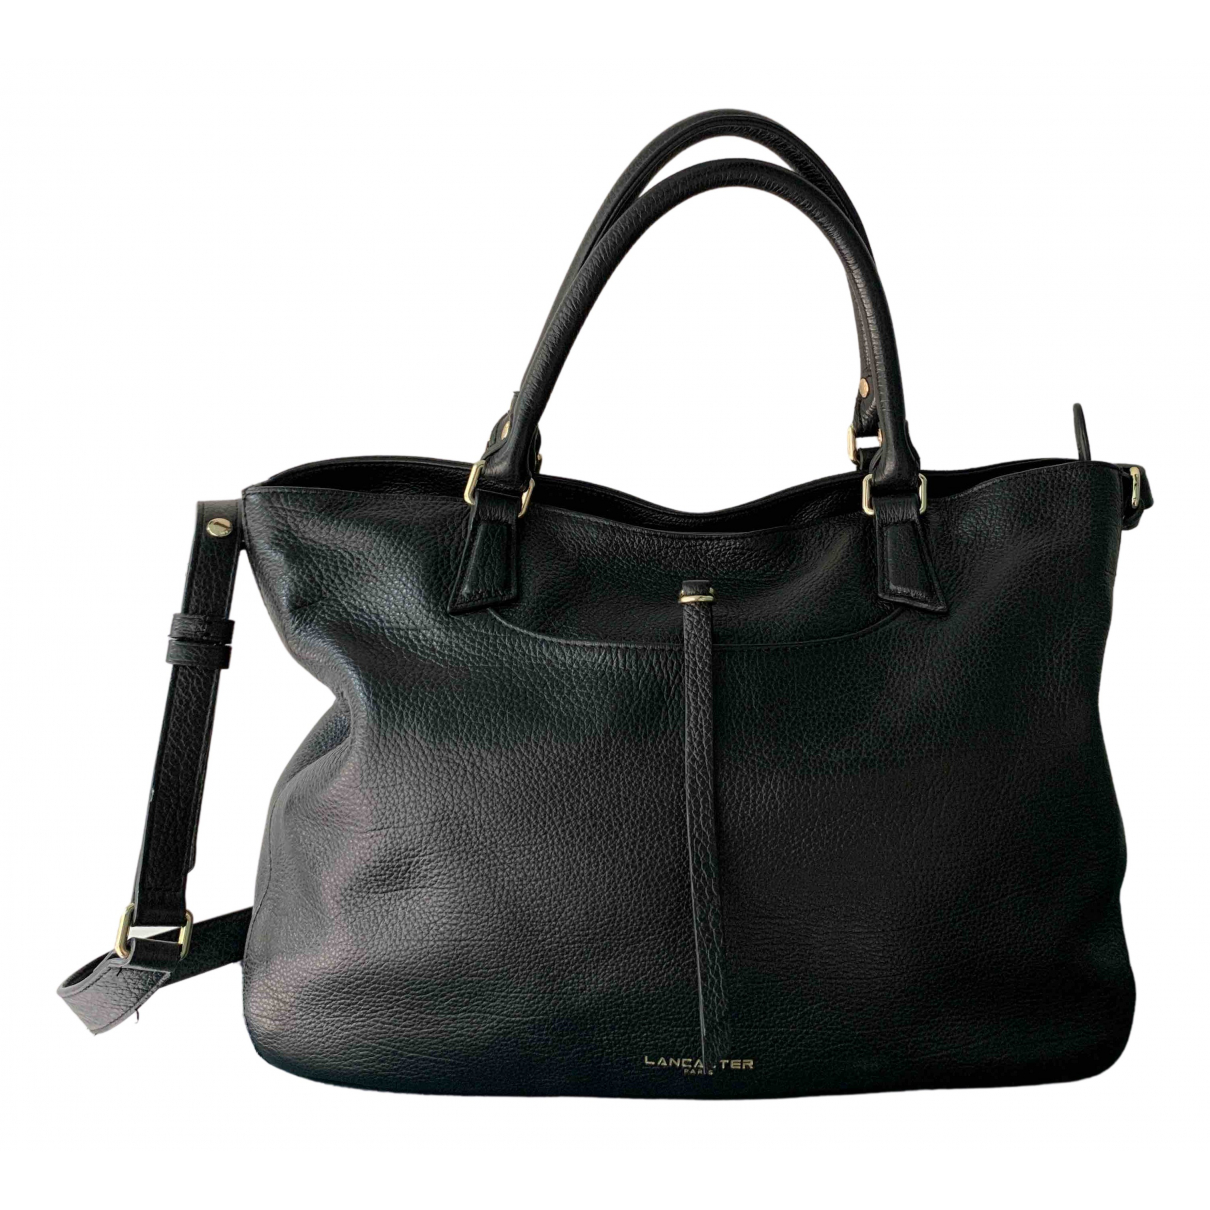 Lancaster N Black Leather handbag for Women N